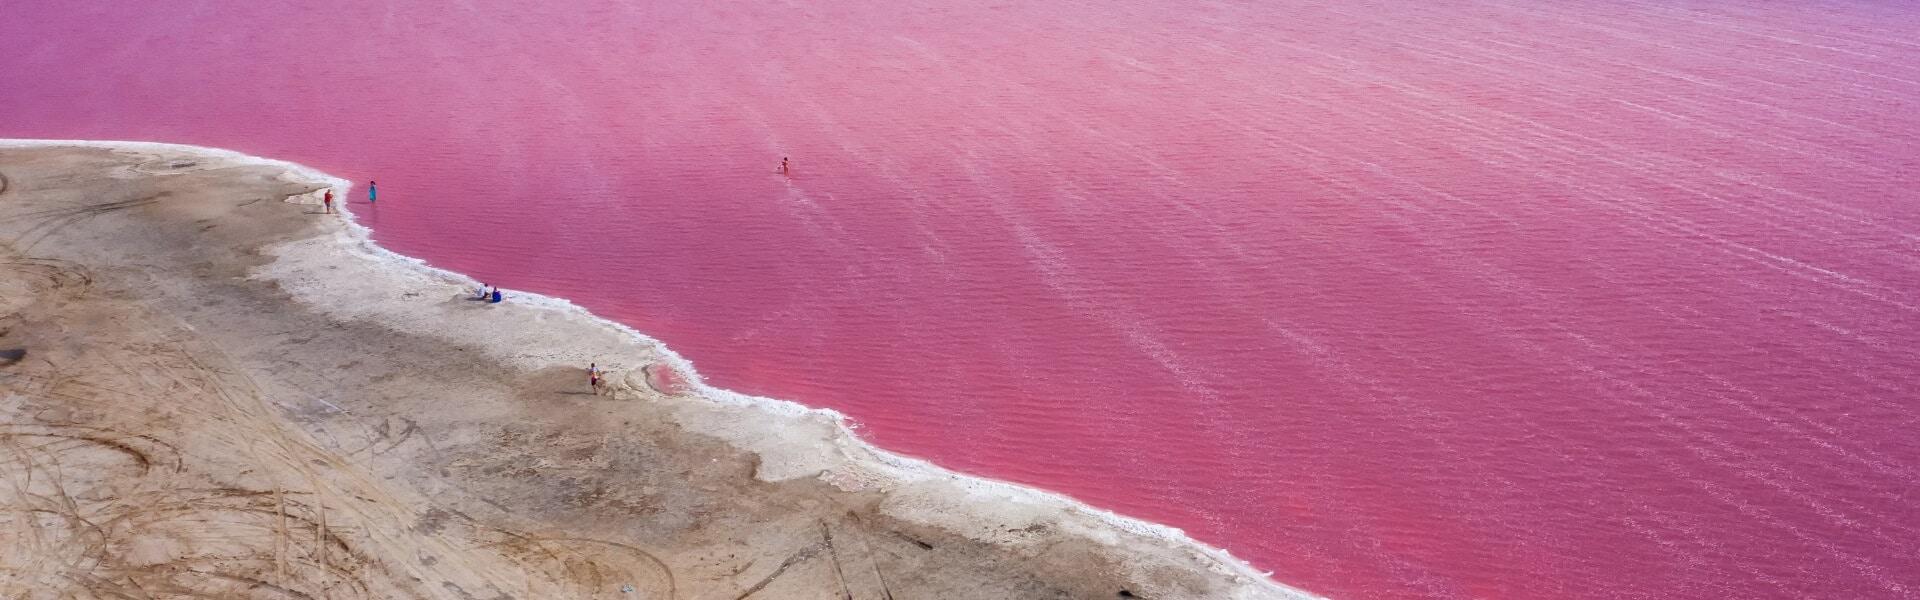 Pink Lake in Village of Ivanivka